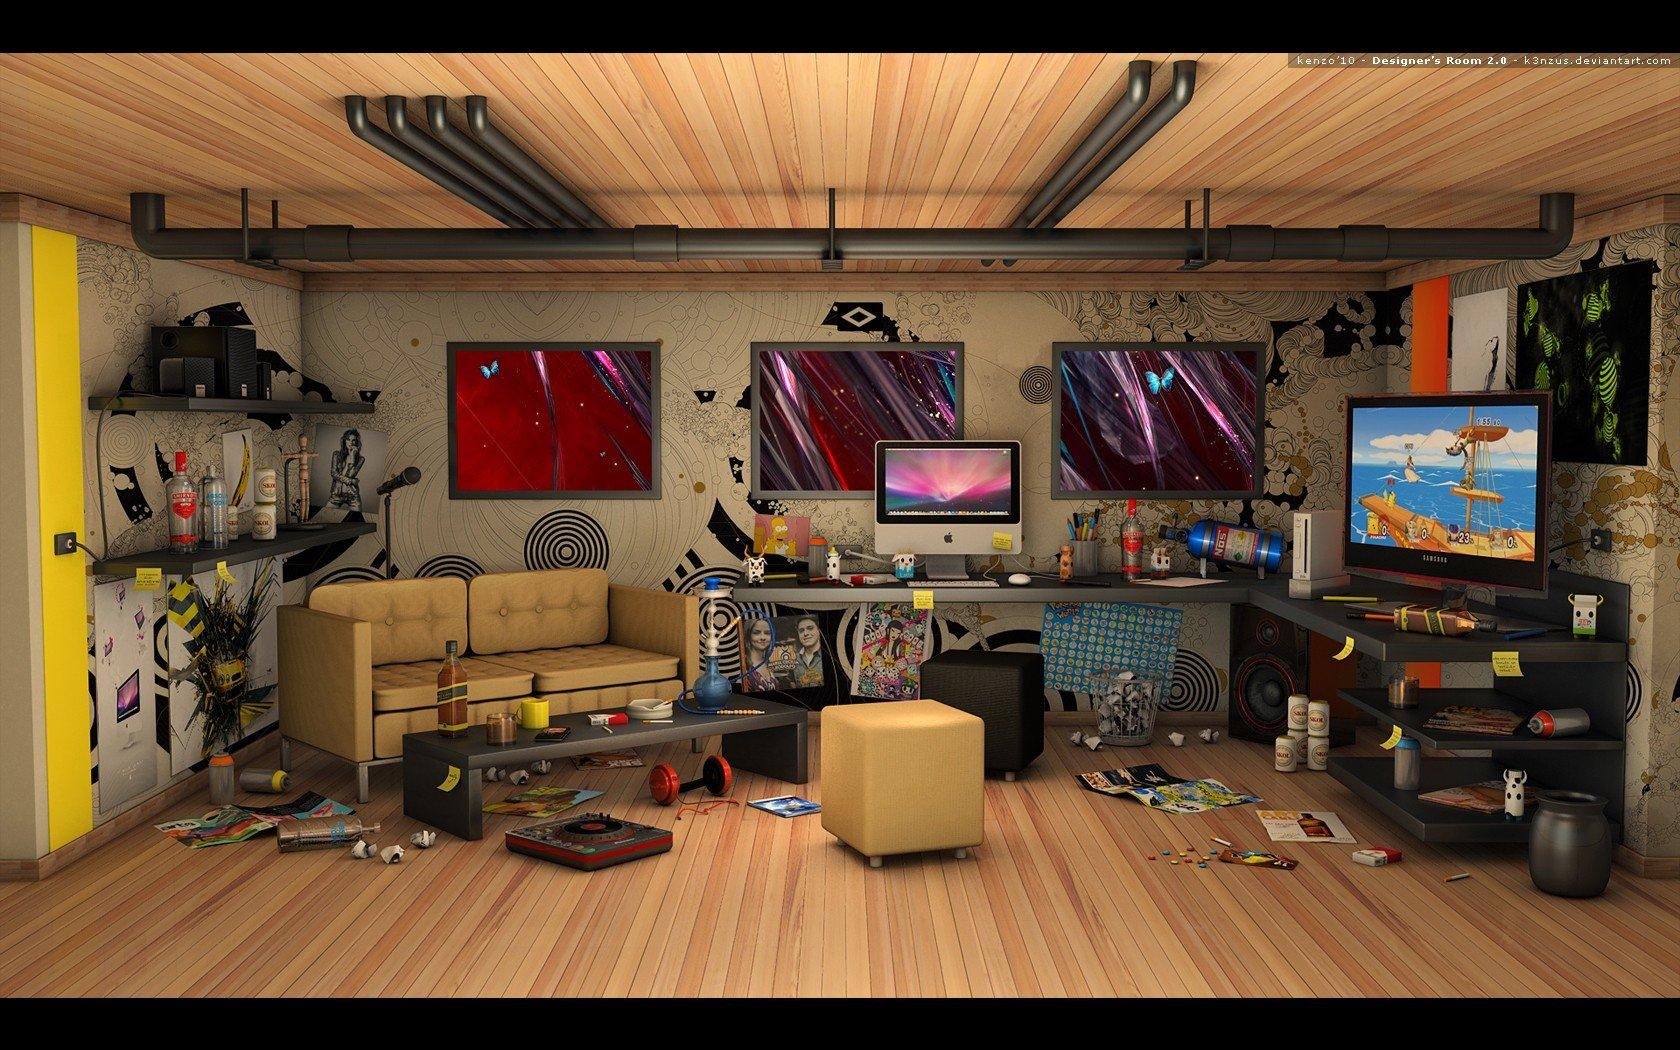 Hintergrundbilder 1680x1050 px gamer zimmer 1680x1050 wallbase 1350663 - Gamer zimmer ...